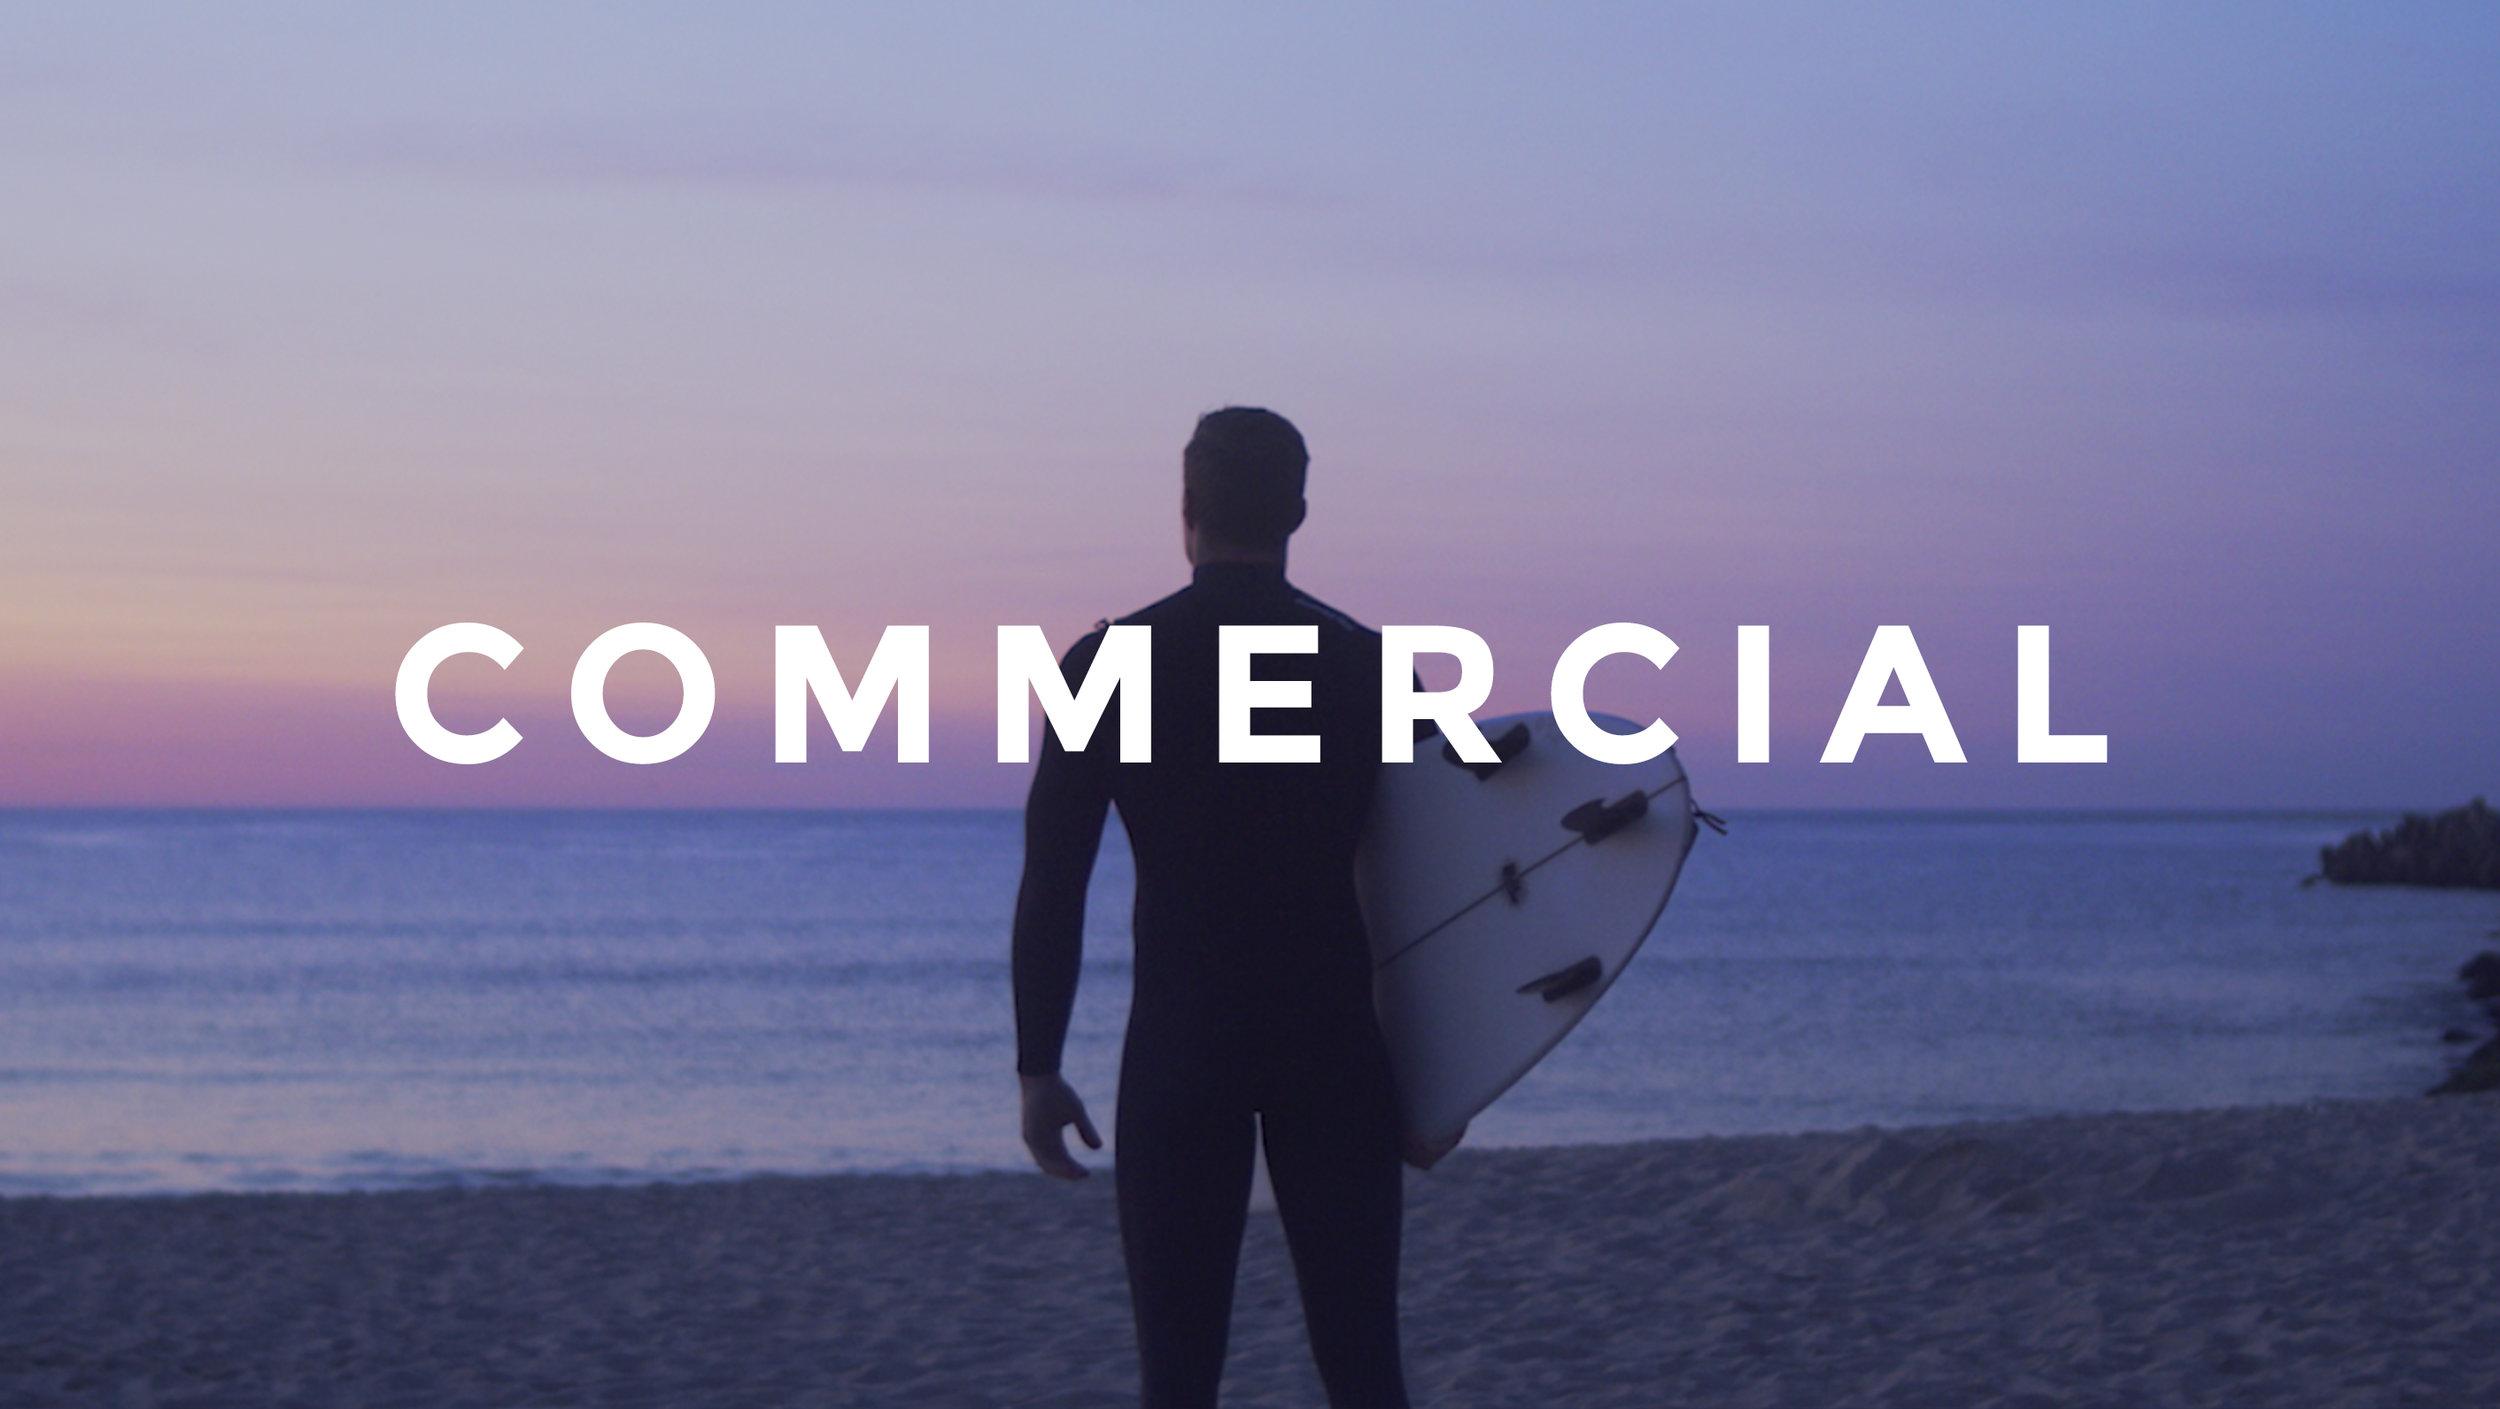 JR_Commercial.jpg